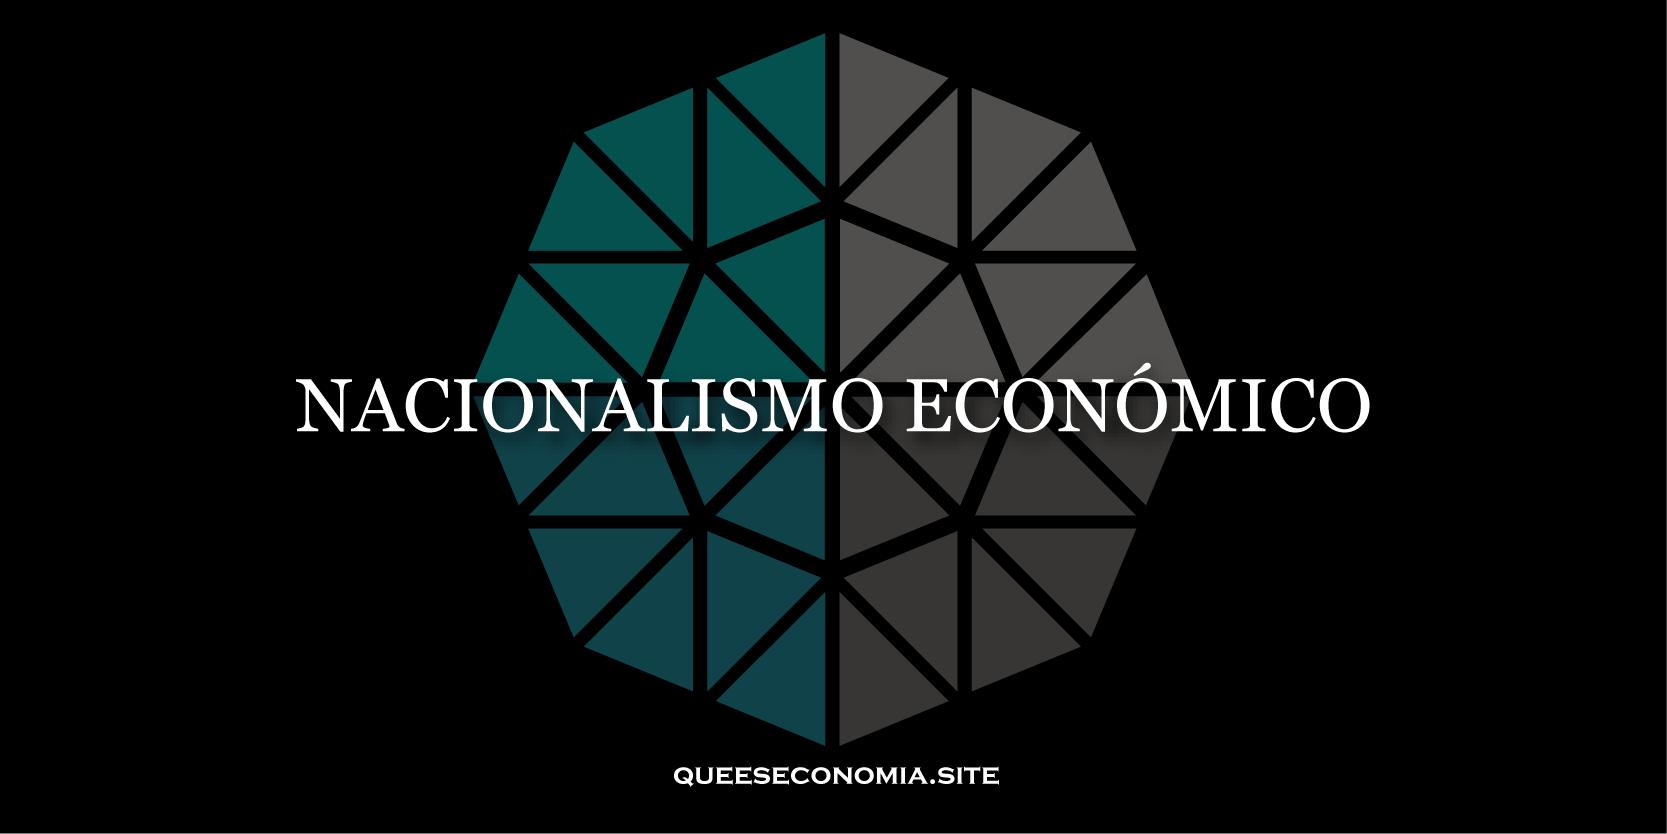 nacionalismo económico